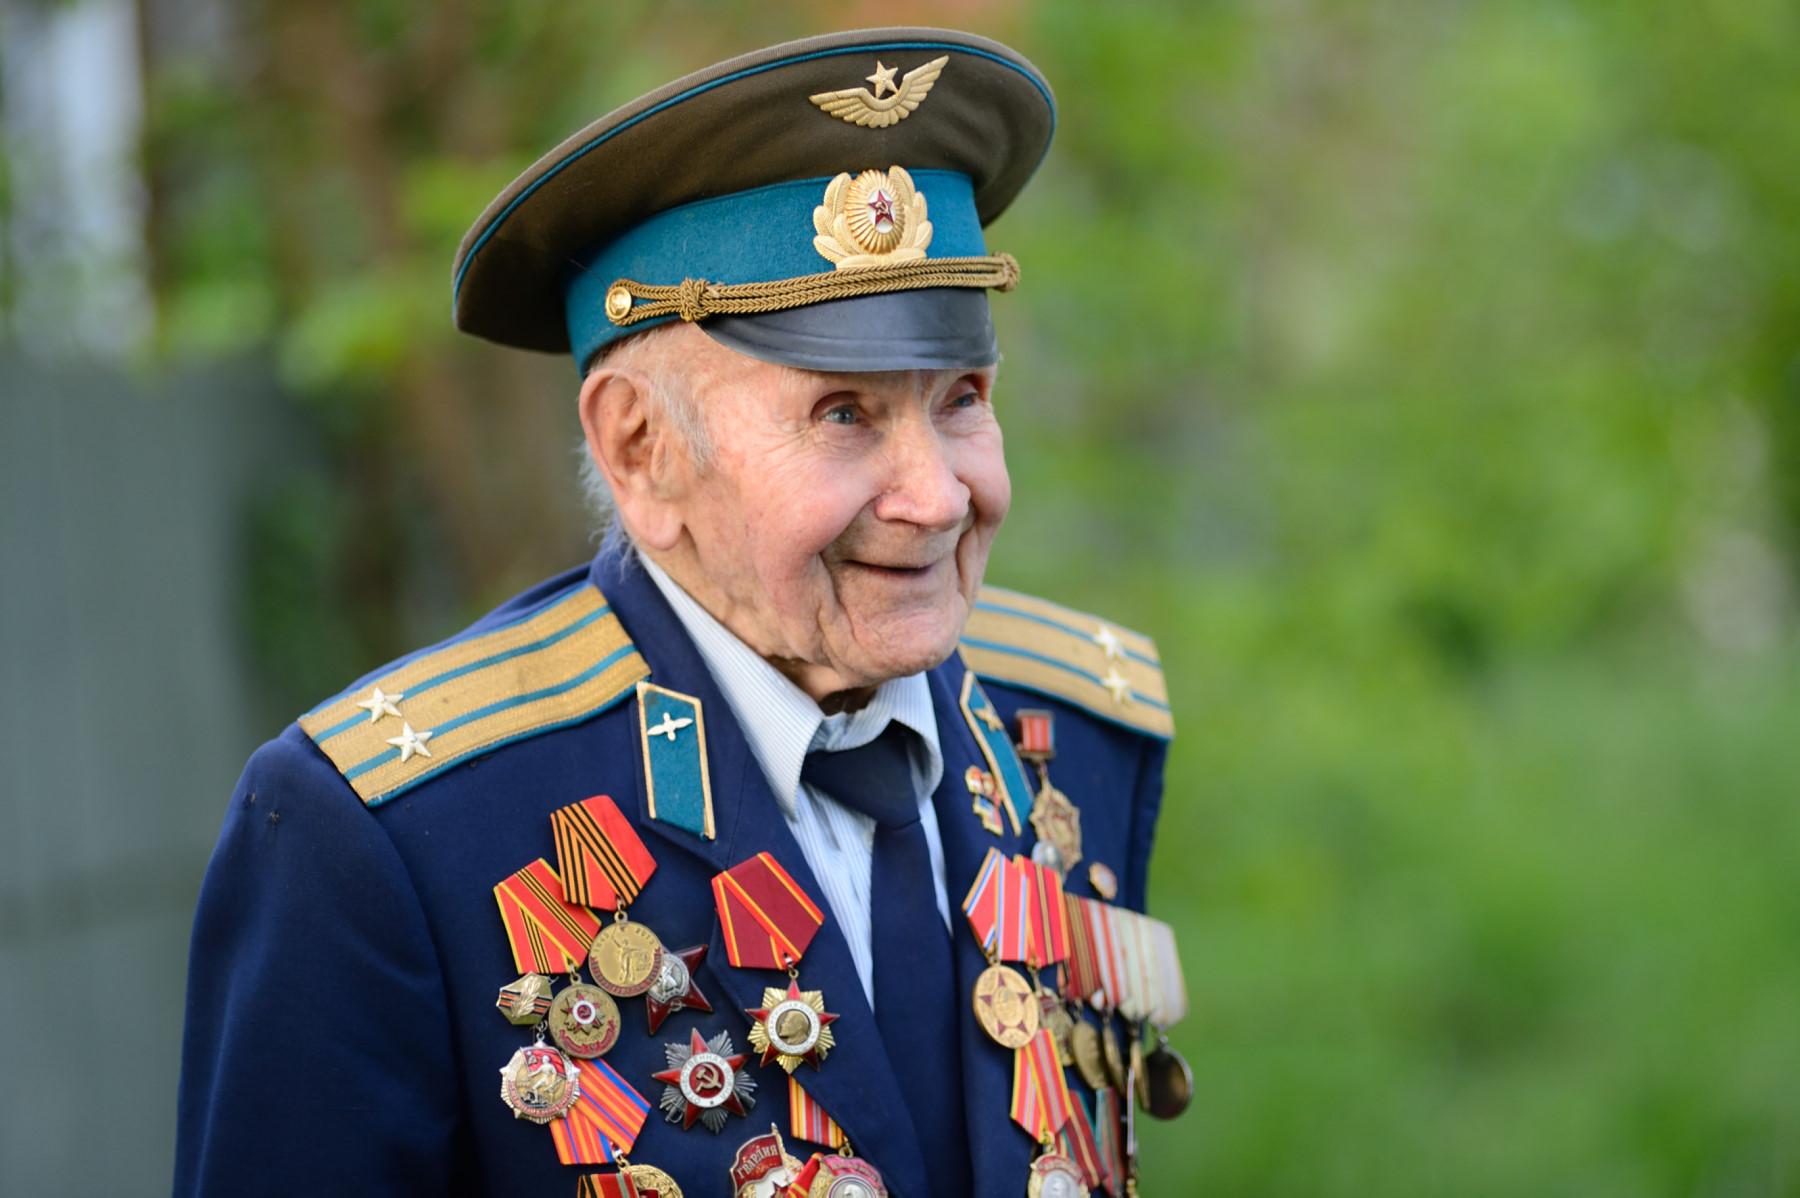 Маршруты жизни механика Жукова. Интервью «СА» с ветераном Великой Отечественной войны